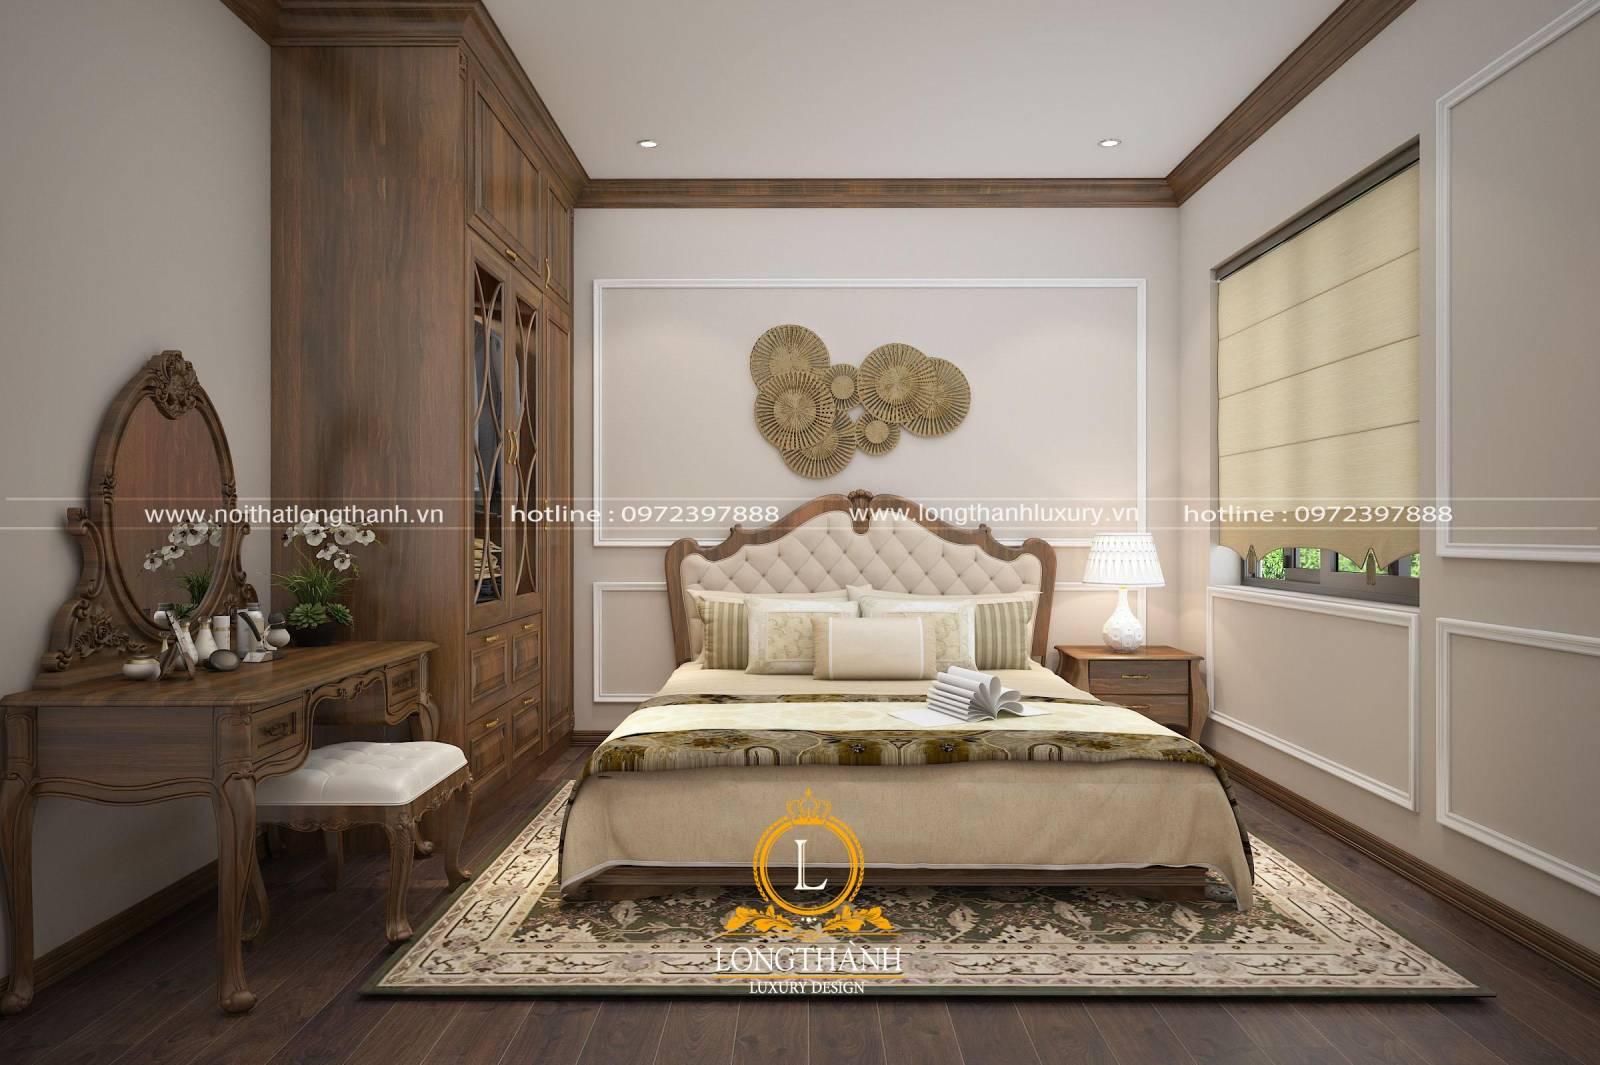 Giường ngủ tiện nghi hiện đại mang đếm cảm giác thoải mái cho người dùng